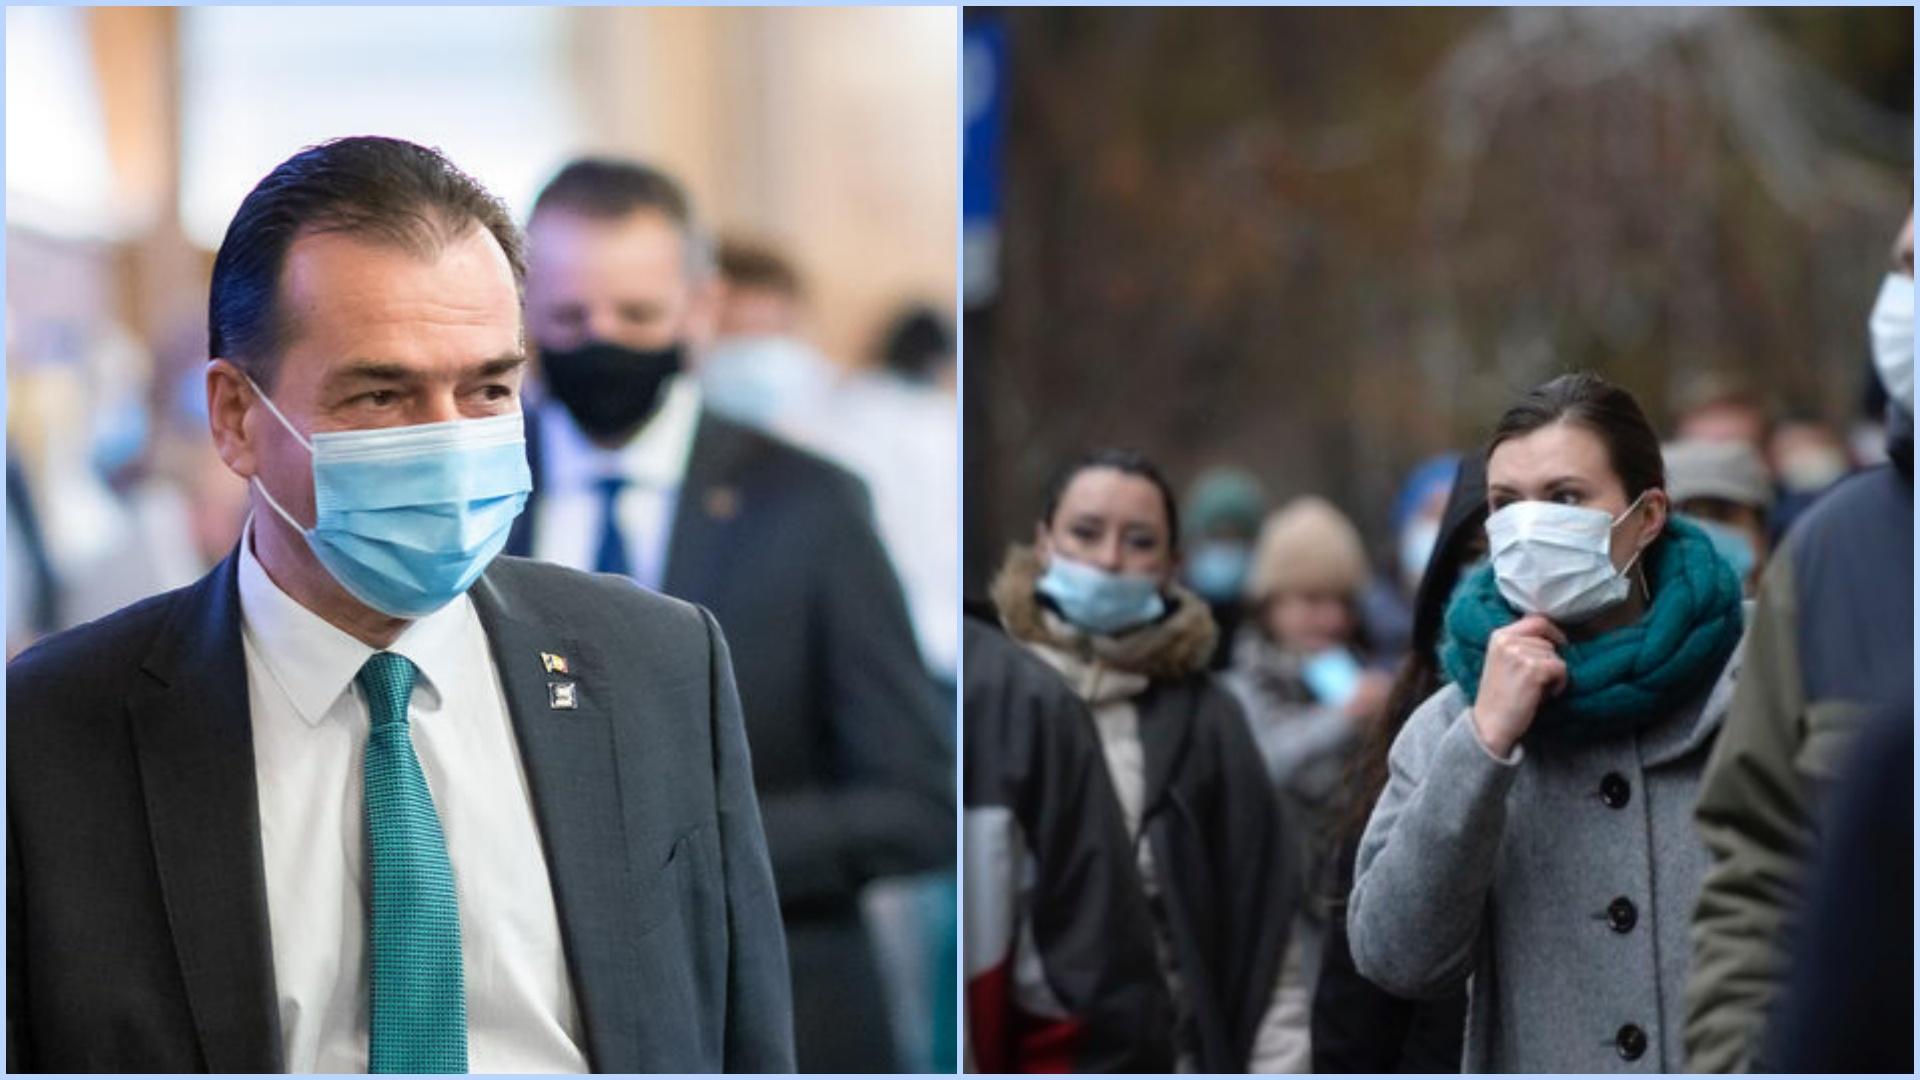 Masca de protecție OBLIGATORIE peste tot în București, de mâine